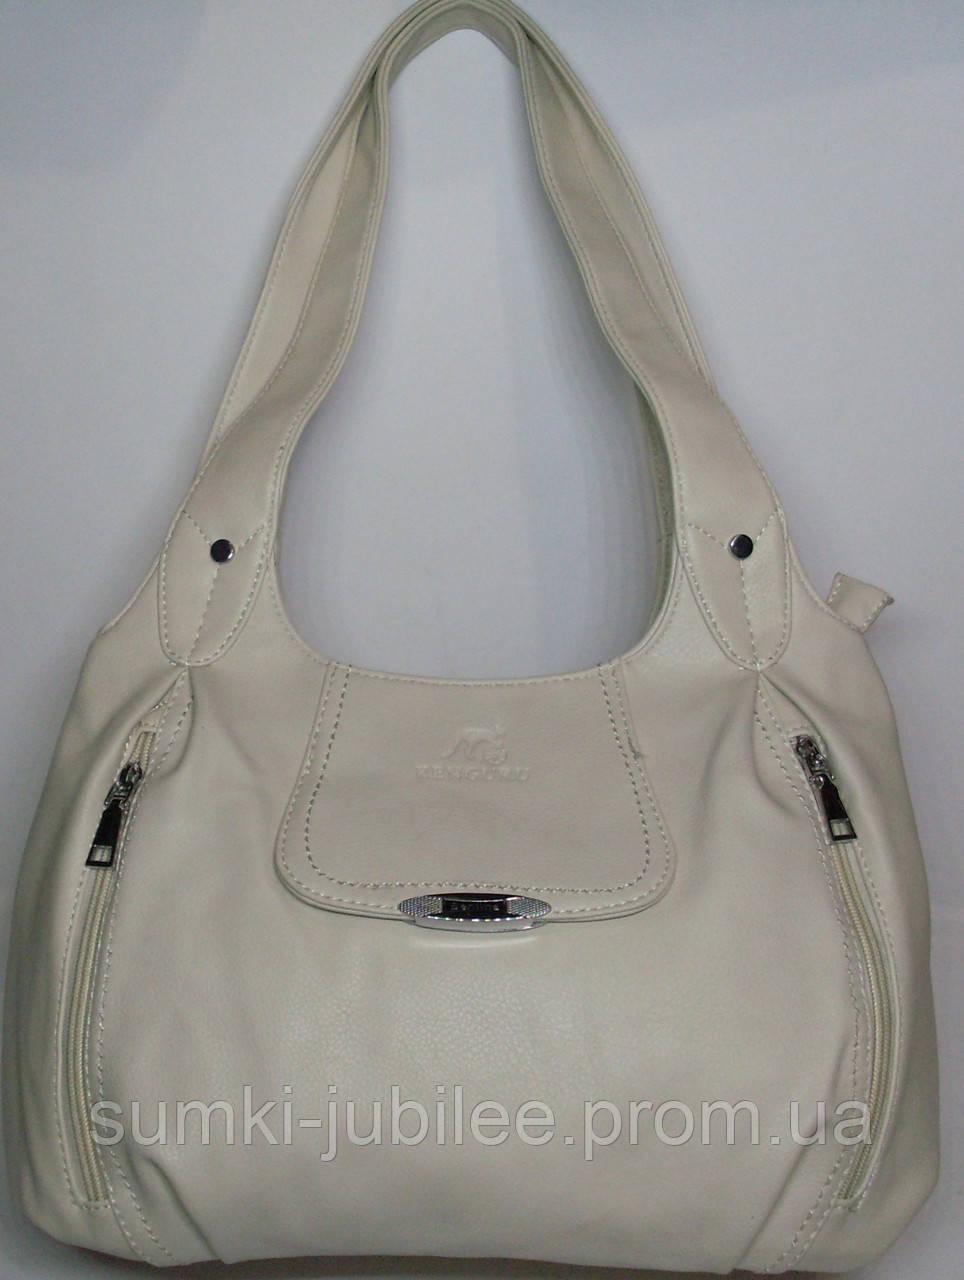 1ed6c44cb17e Женская сумка реплика Kenguru молочного цвета - Интернет-магазин